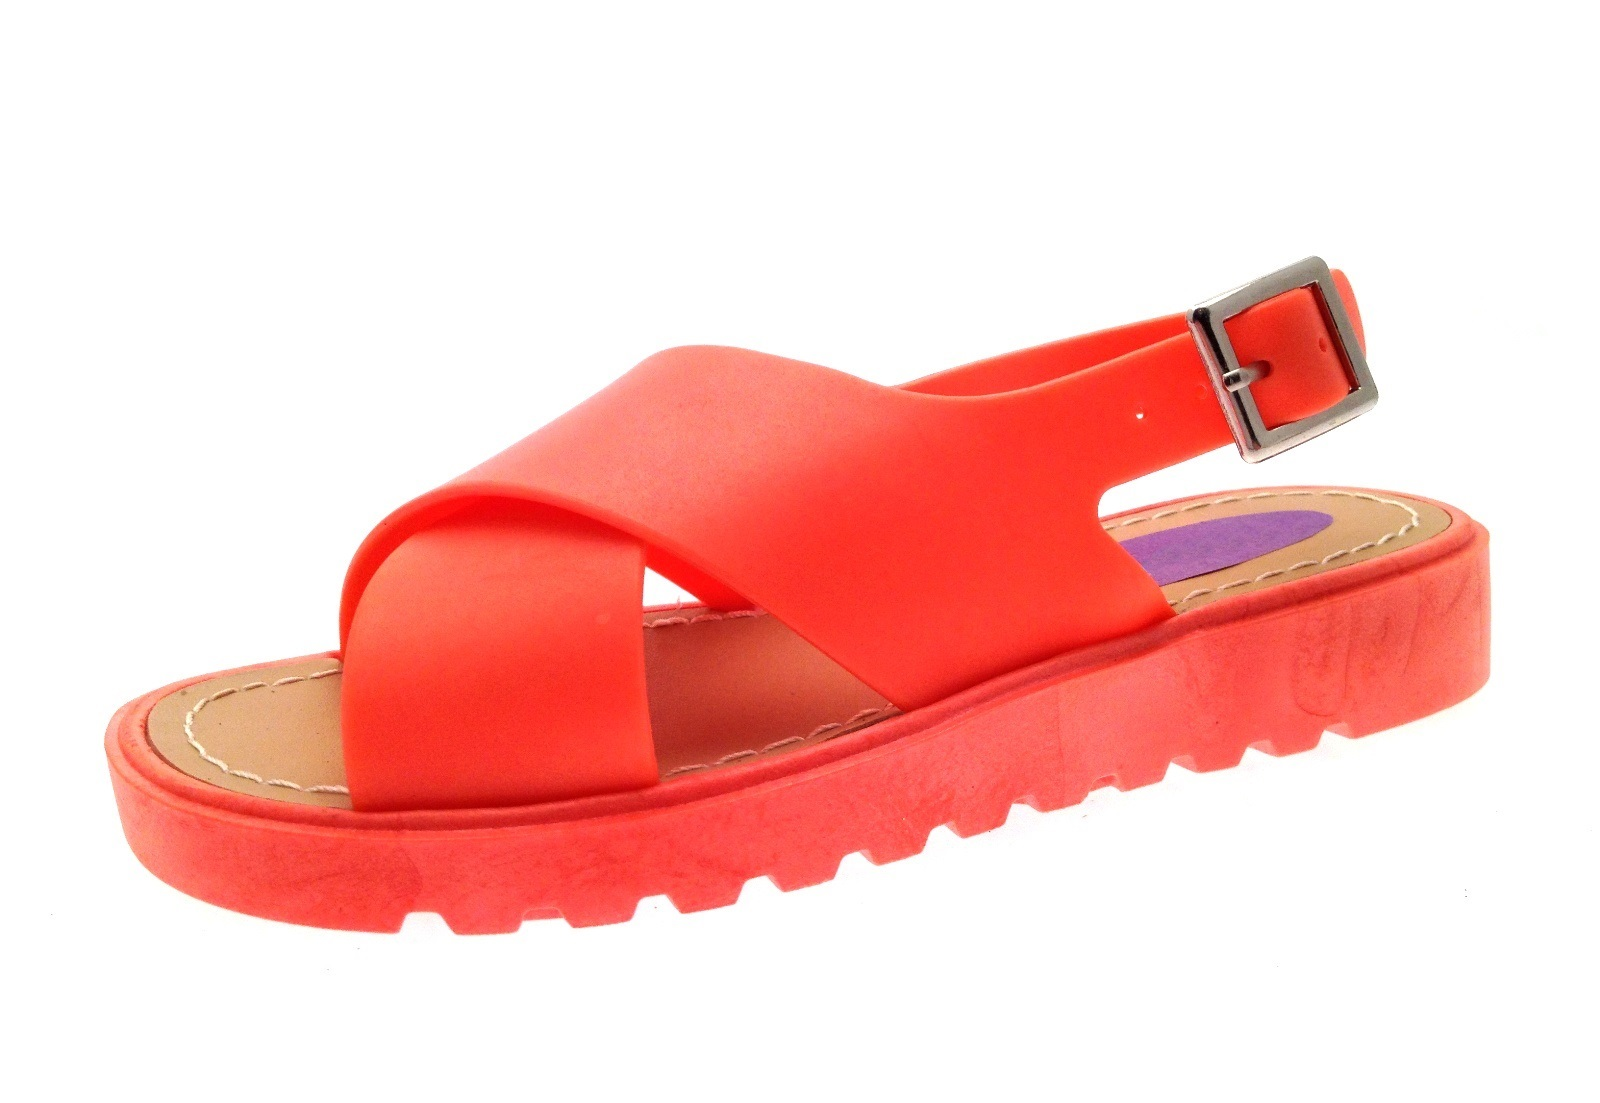 Chicas Jelly Sandalias Crossover Correas Con Zapatos Playa jaleas tamaño del Reino Unido 10-2